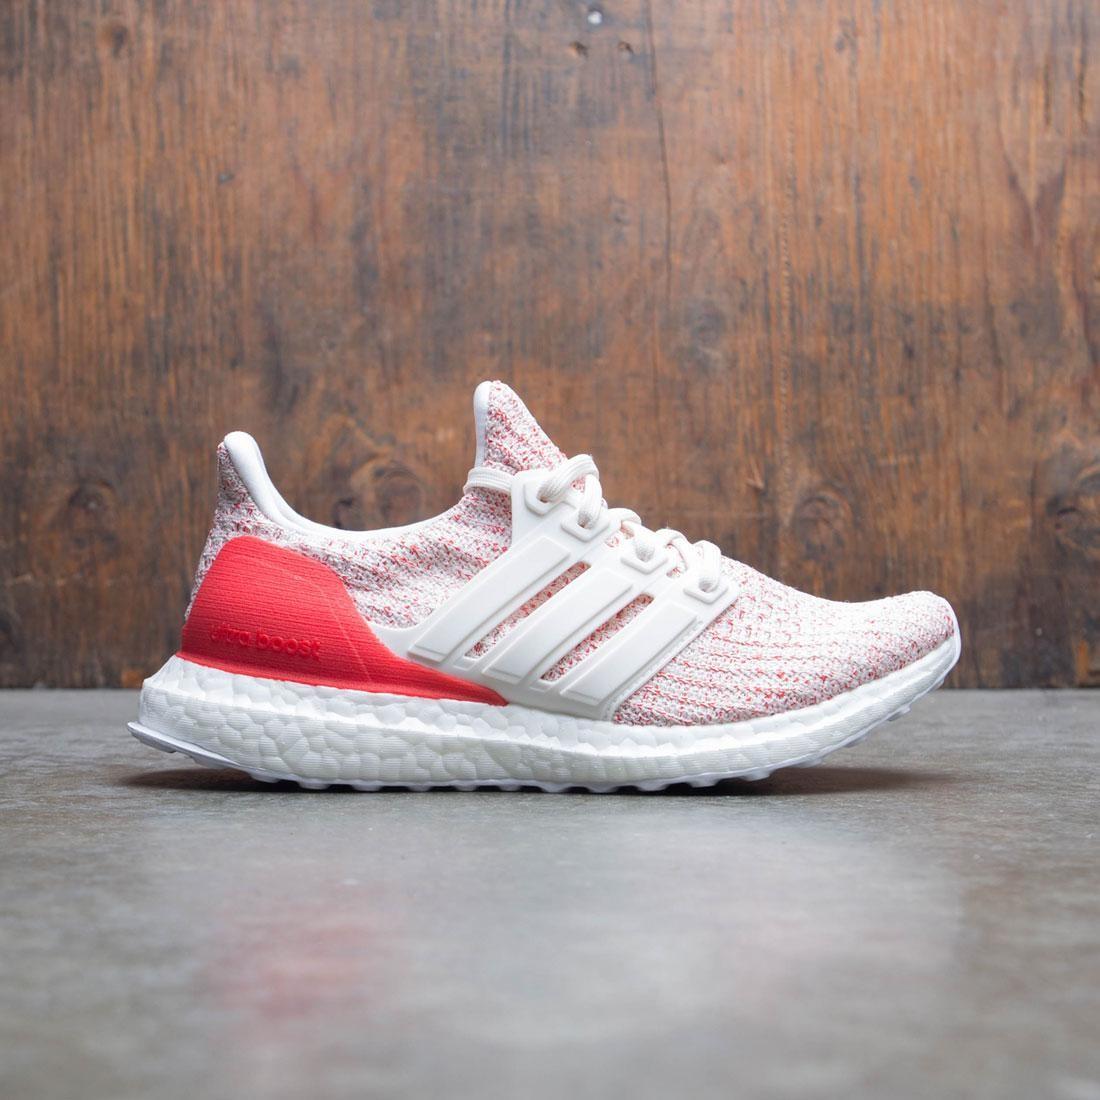 網購Adidas波鞋低至5折 + 免費直送香港/澳門